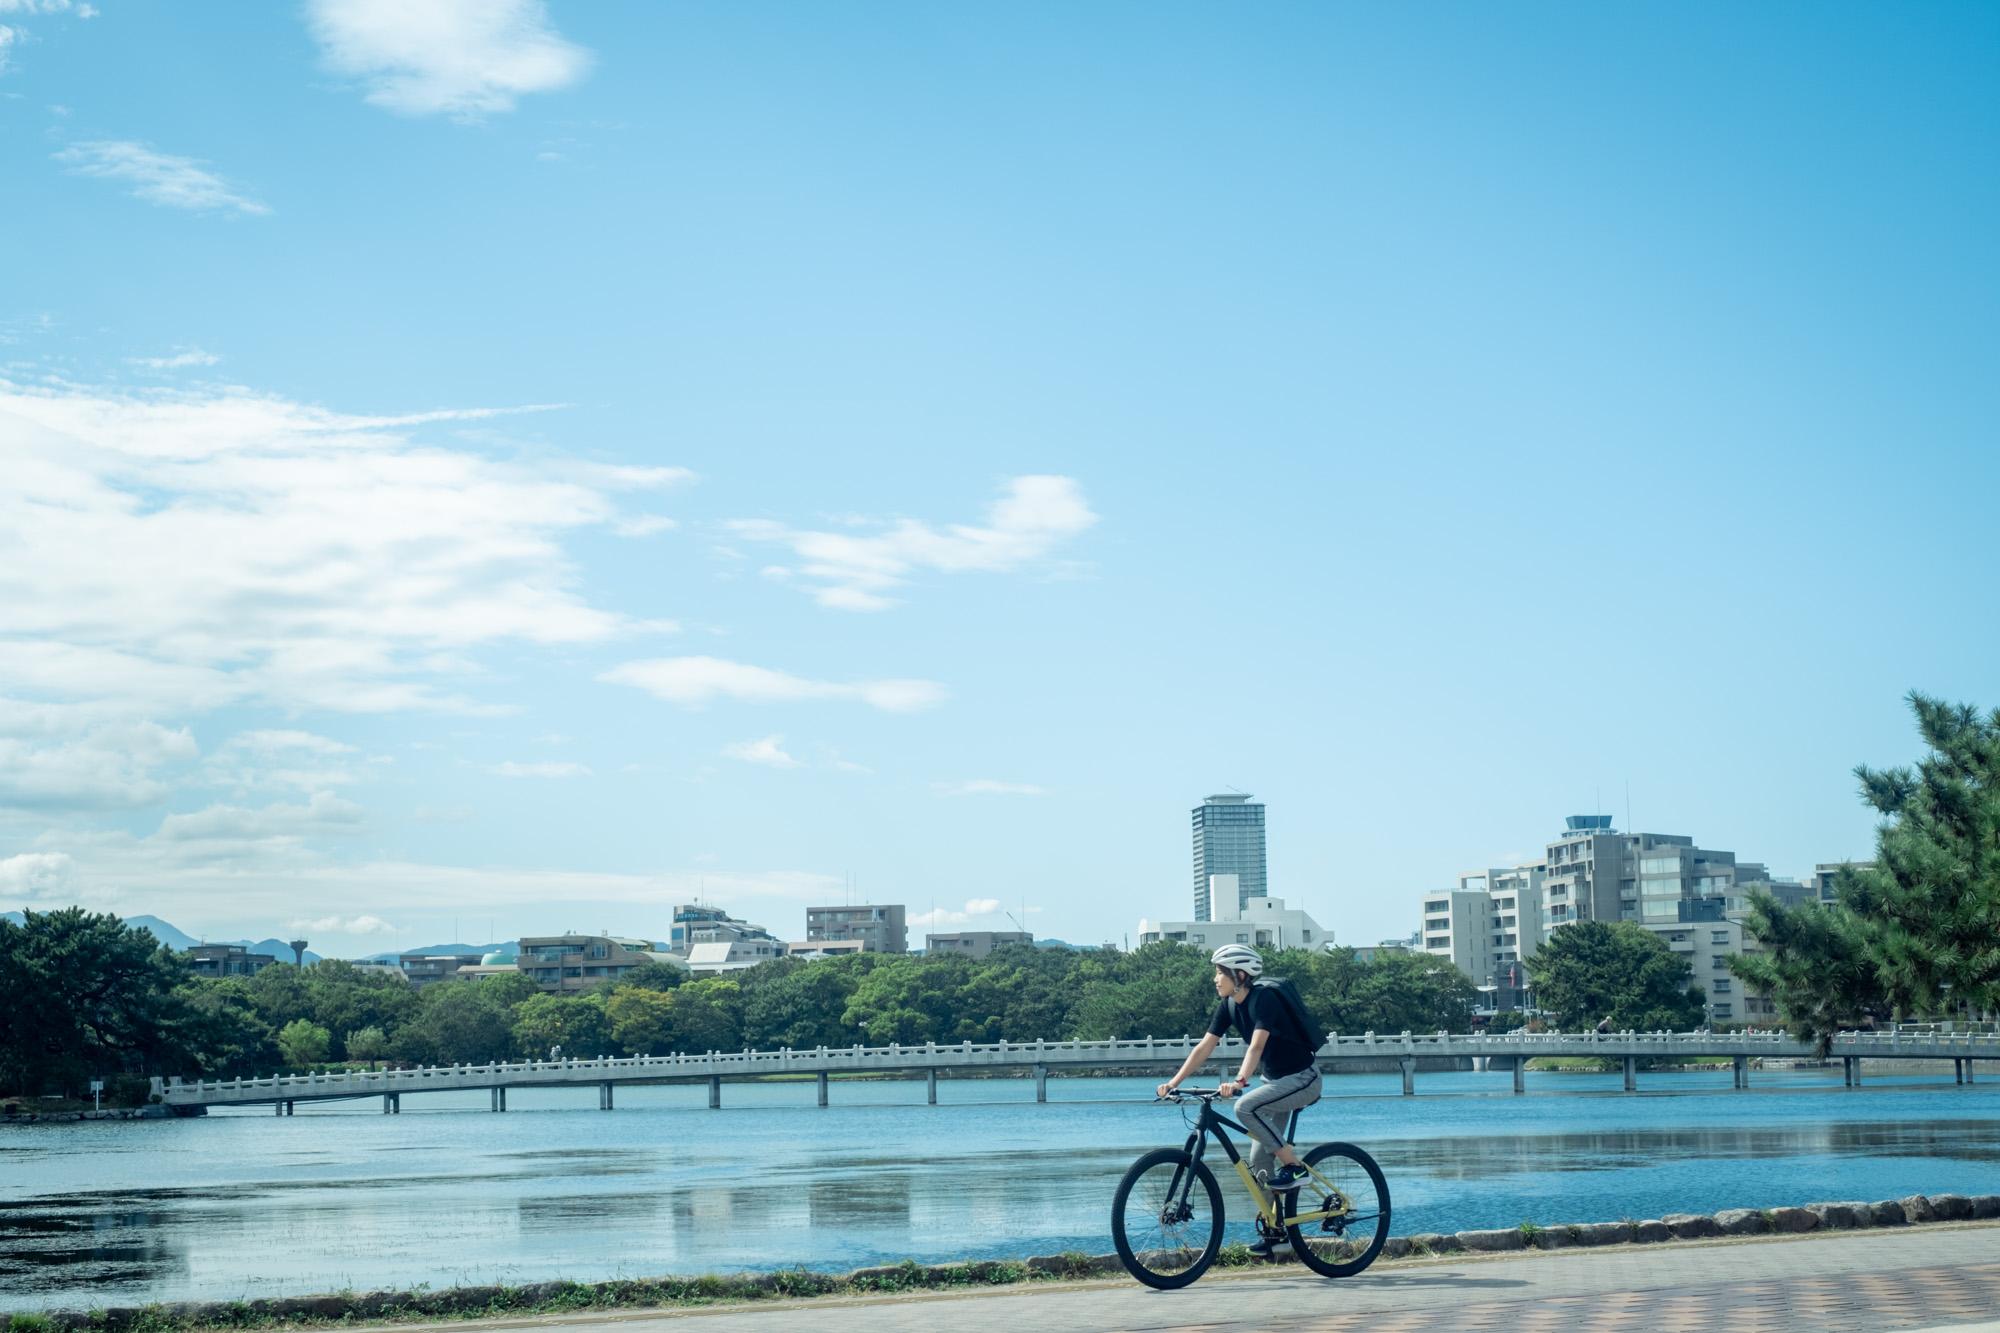 福岡・西新に「自転車と暮らすアパートメント」が誕生予定!DIY壁に土間、自転車ショップ&カフェも。欲しかった暮らしを叶えてくれそうです